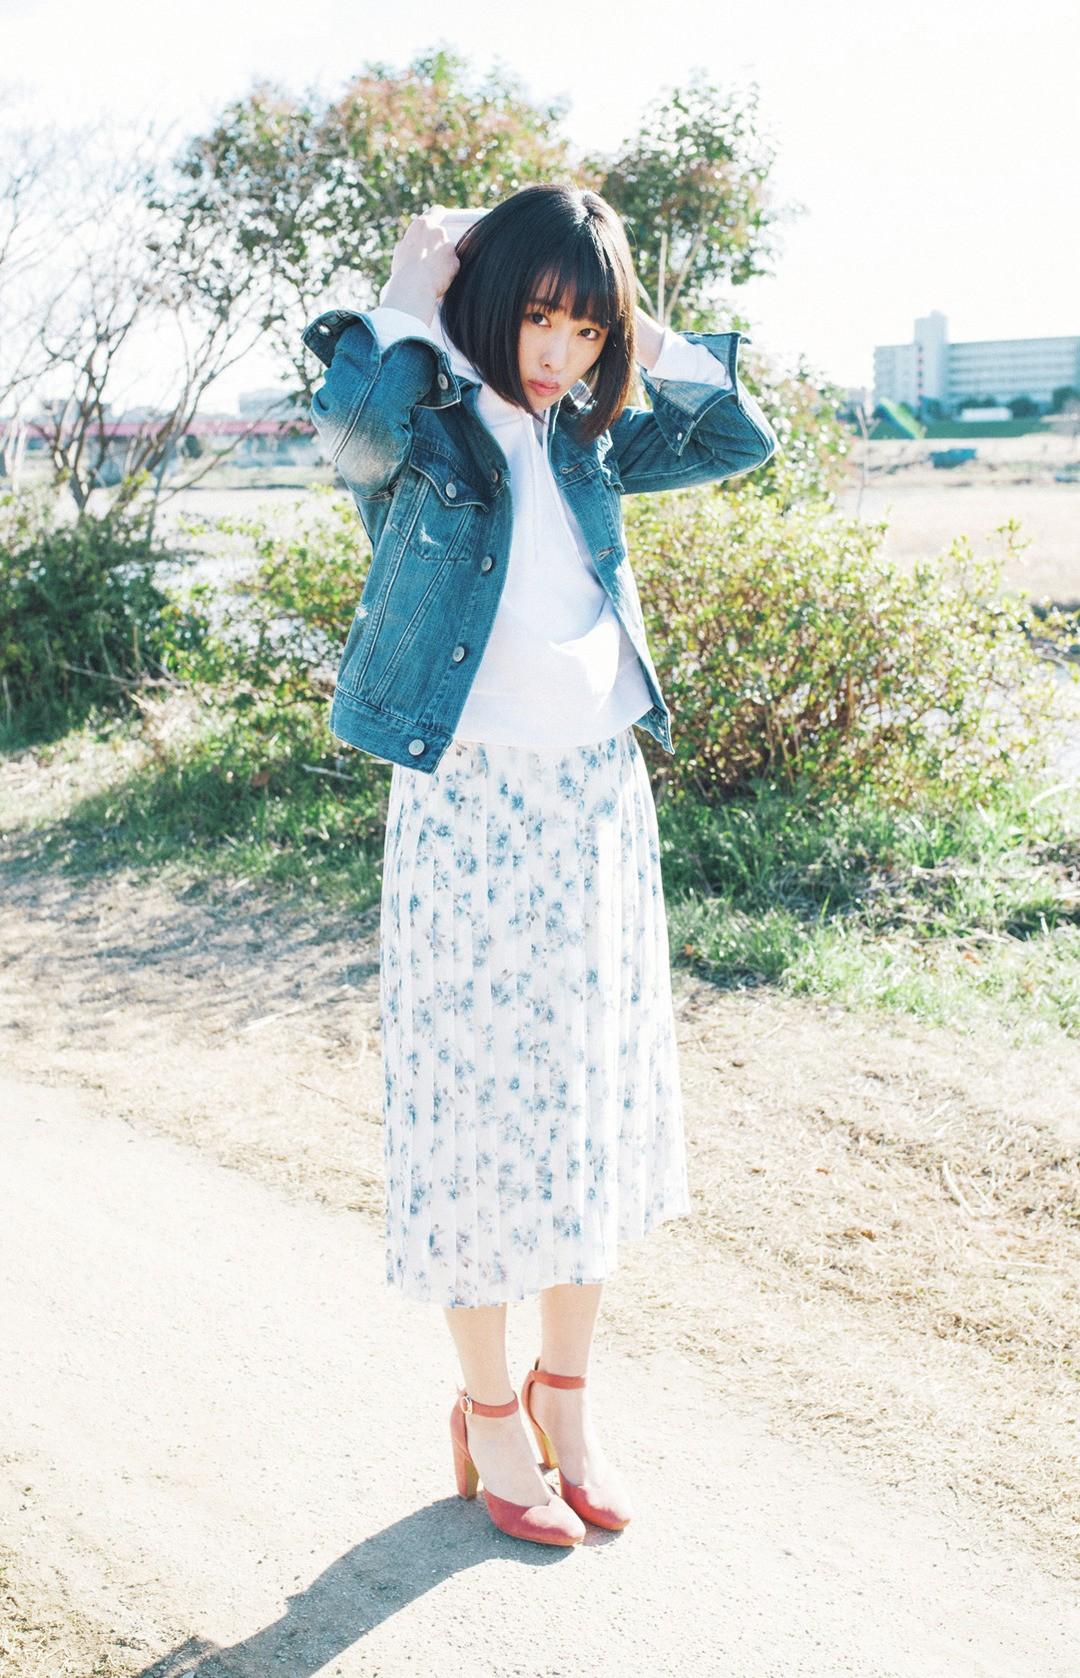 「とことん女のコって感じの花柄は、ちょっとカジュアルに着たい気分♪ ヒールでオトナっぽさはキープするよー!」(大友花恋)